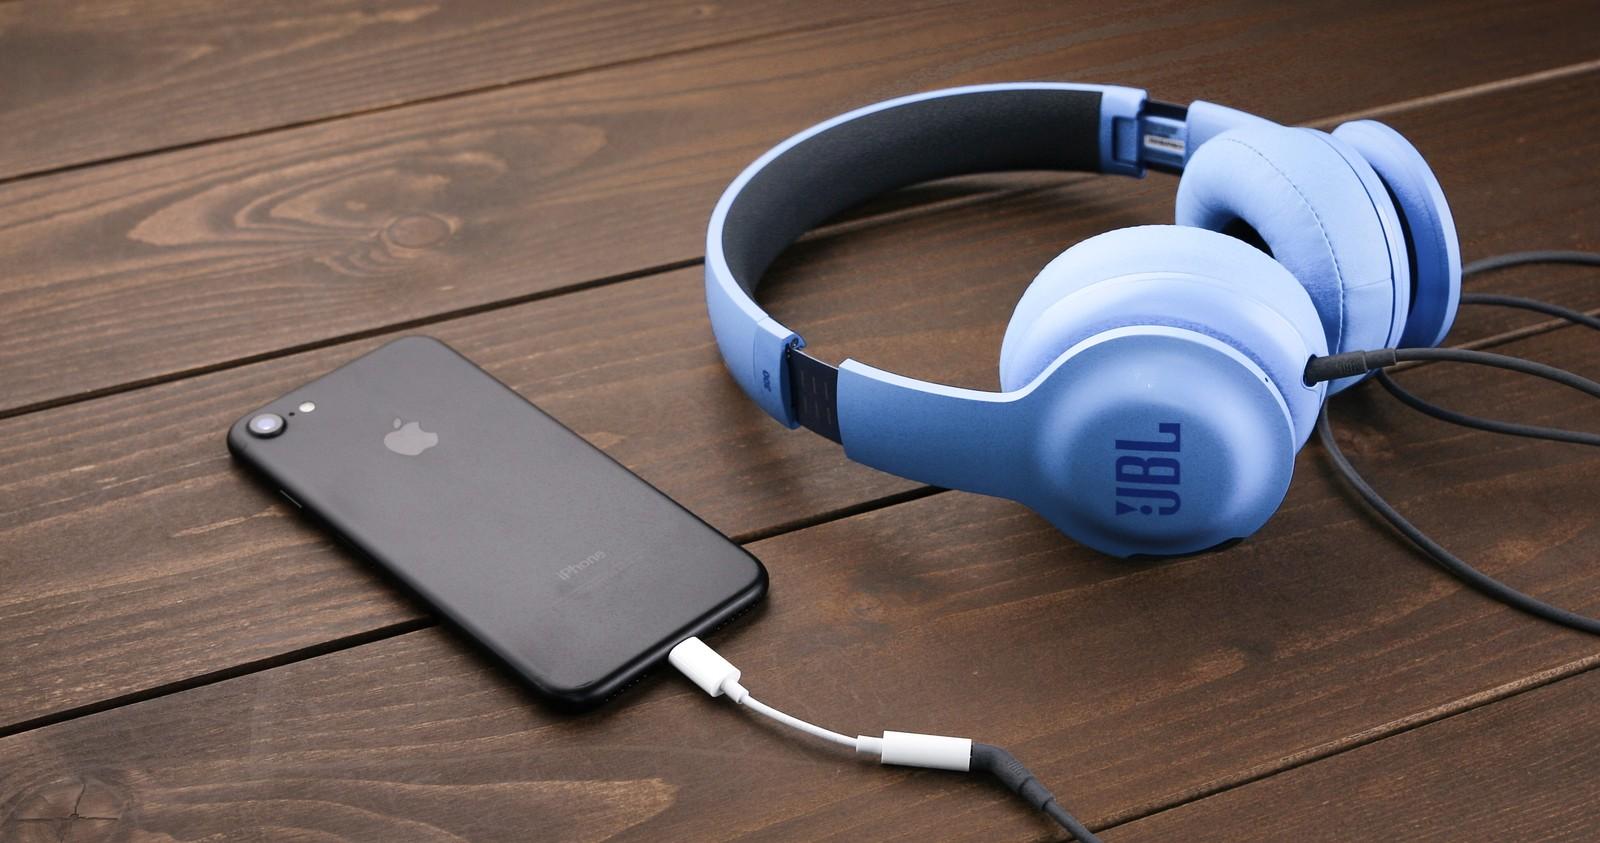 focus@willで音楽を聴きながら作業してみた